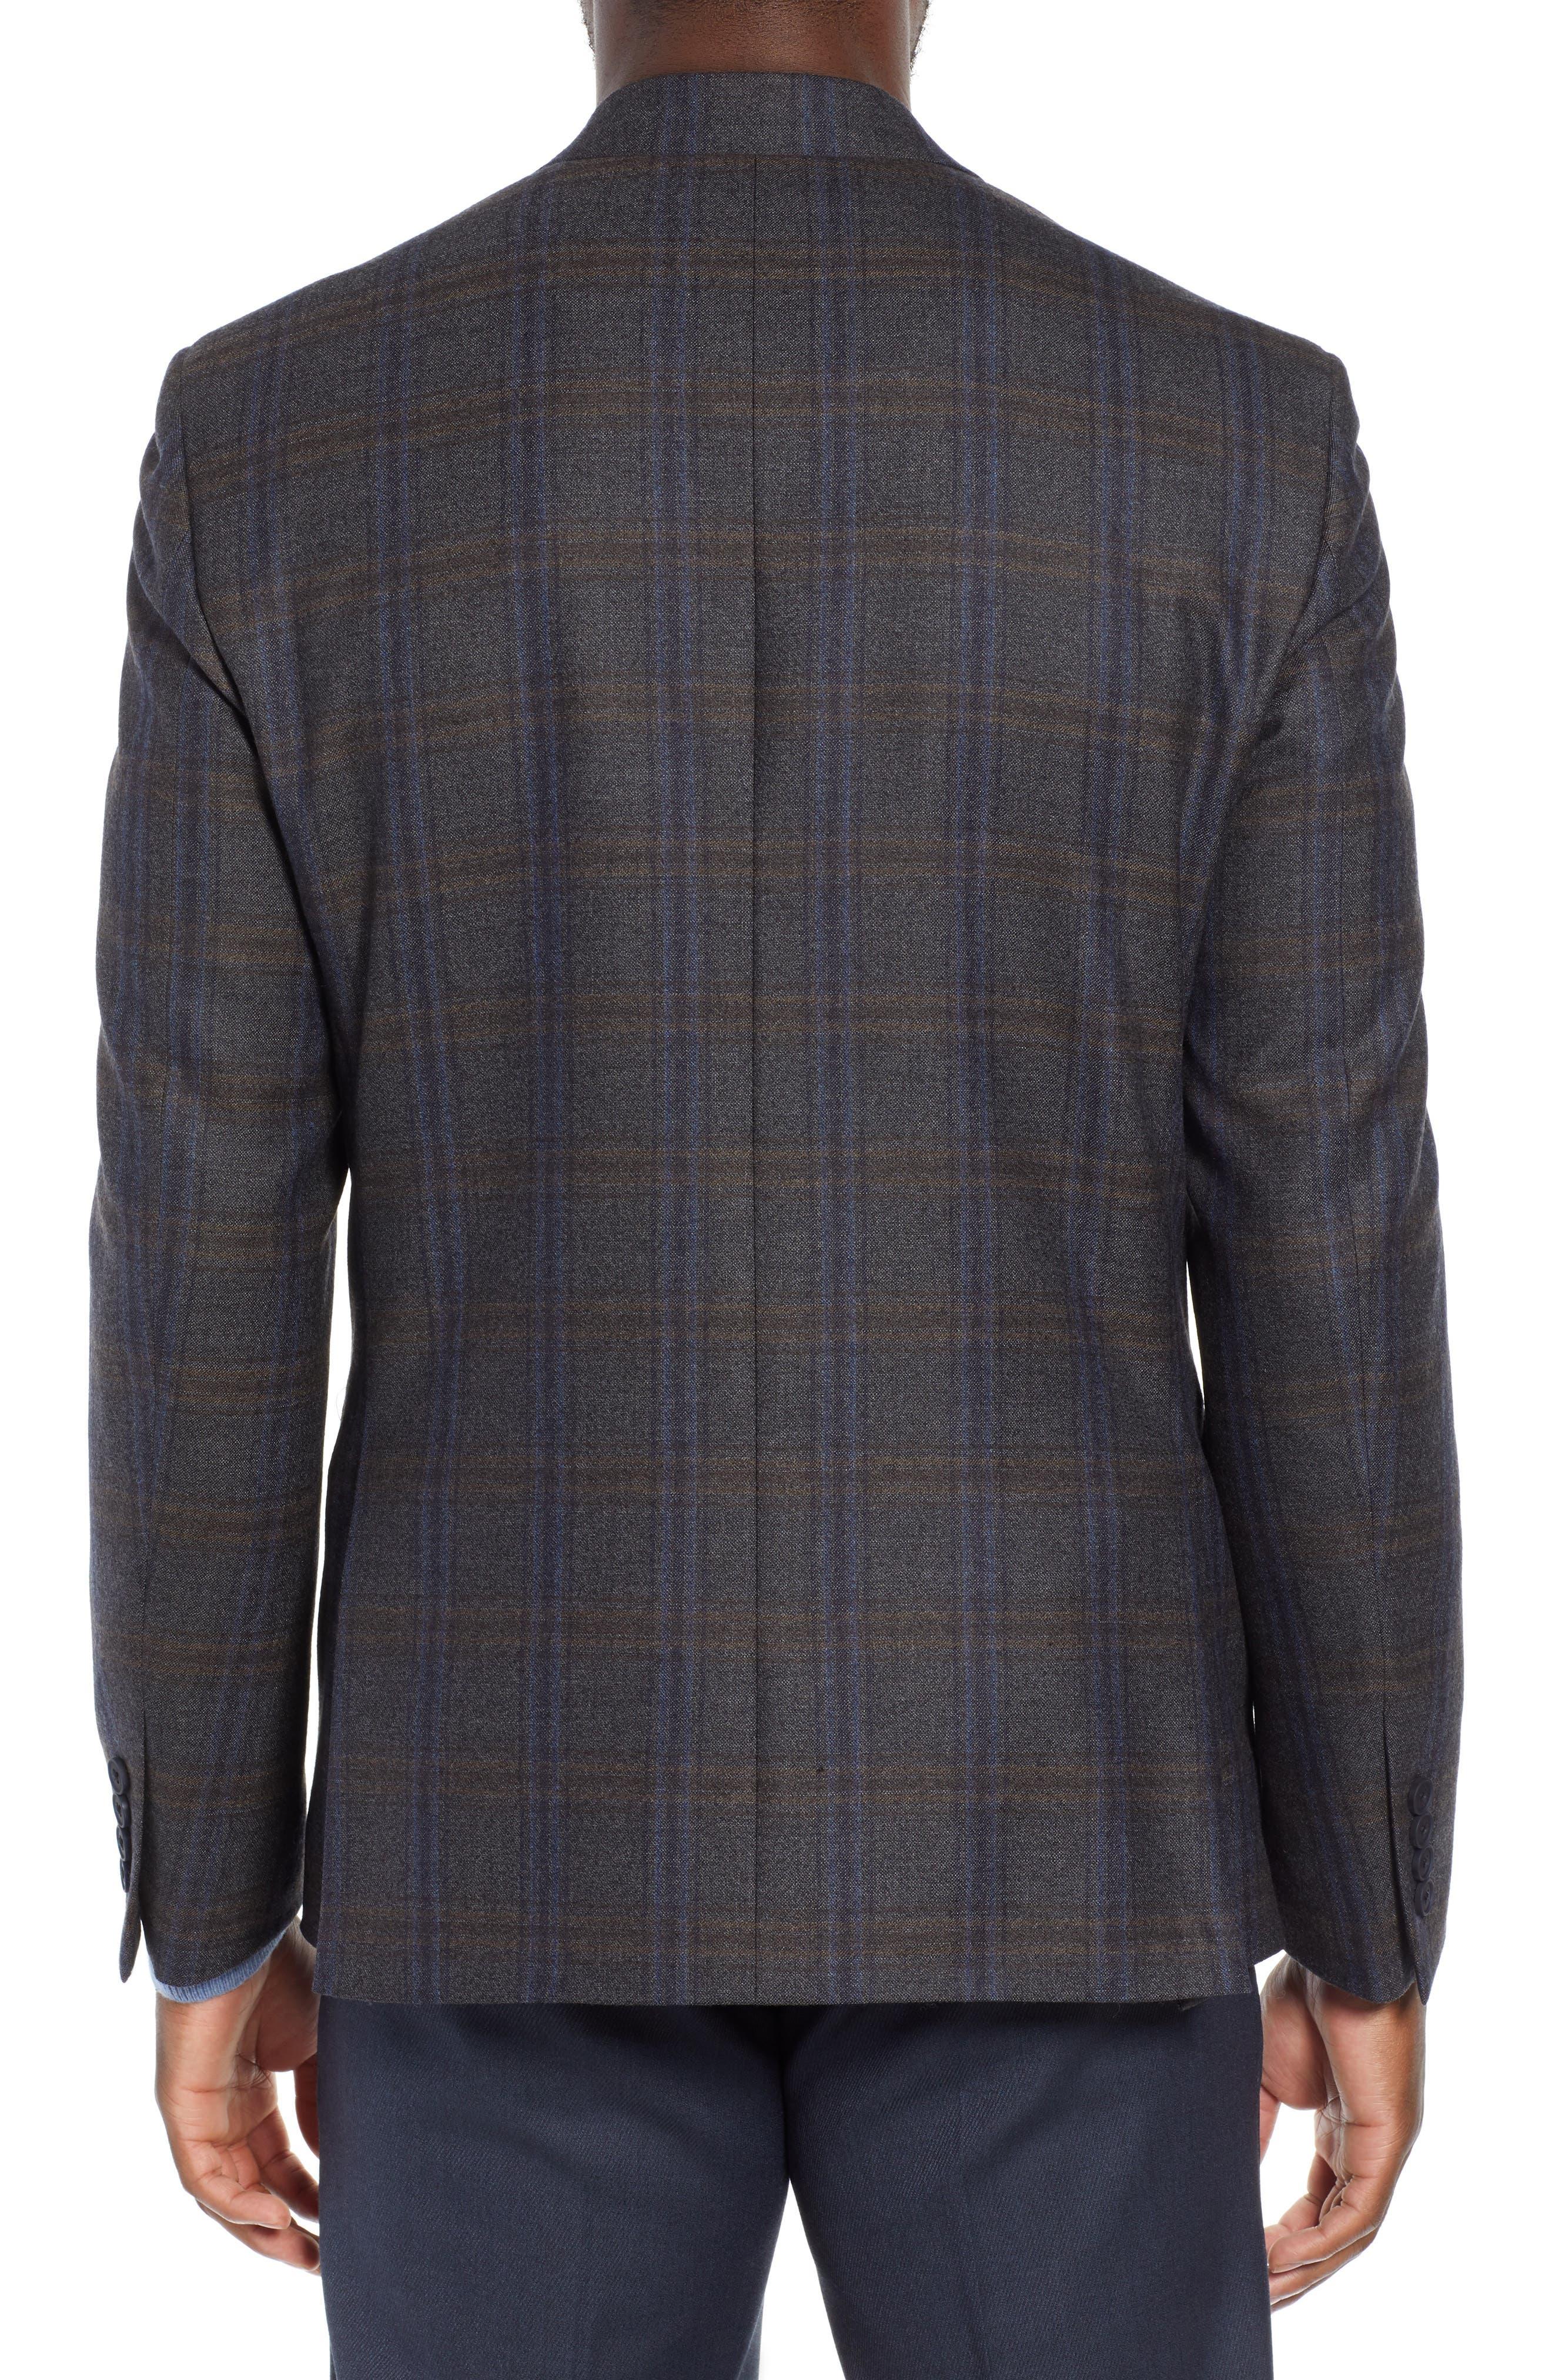 NORDSTROM MEN'S SHOP,                             Trim Fit Plaid Wool Sport Coat,                             Alternate thumbnail 2, color,                             010